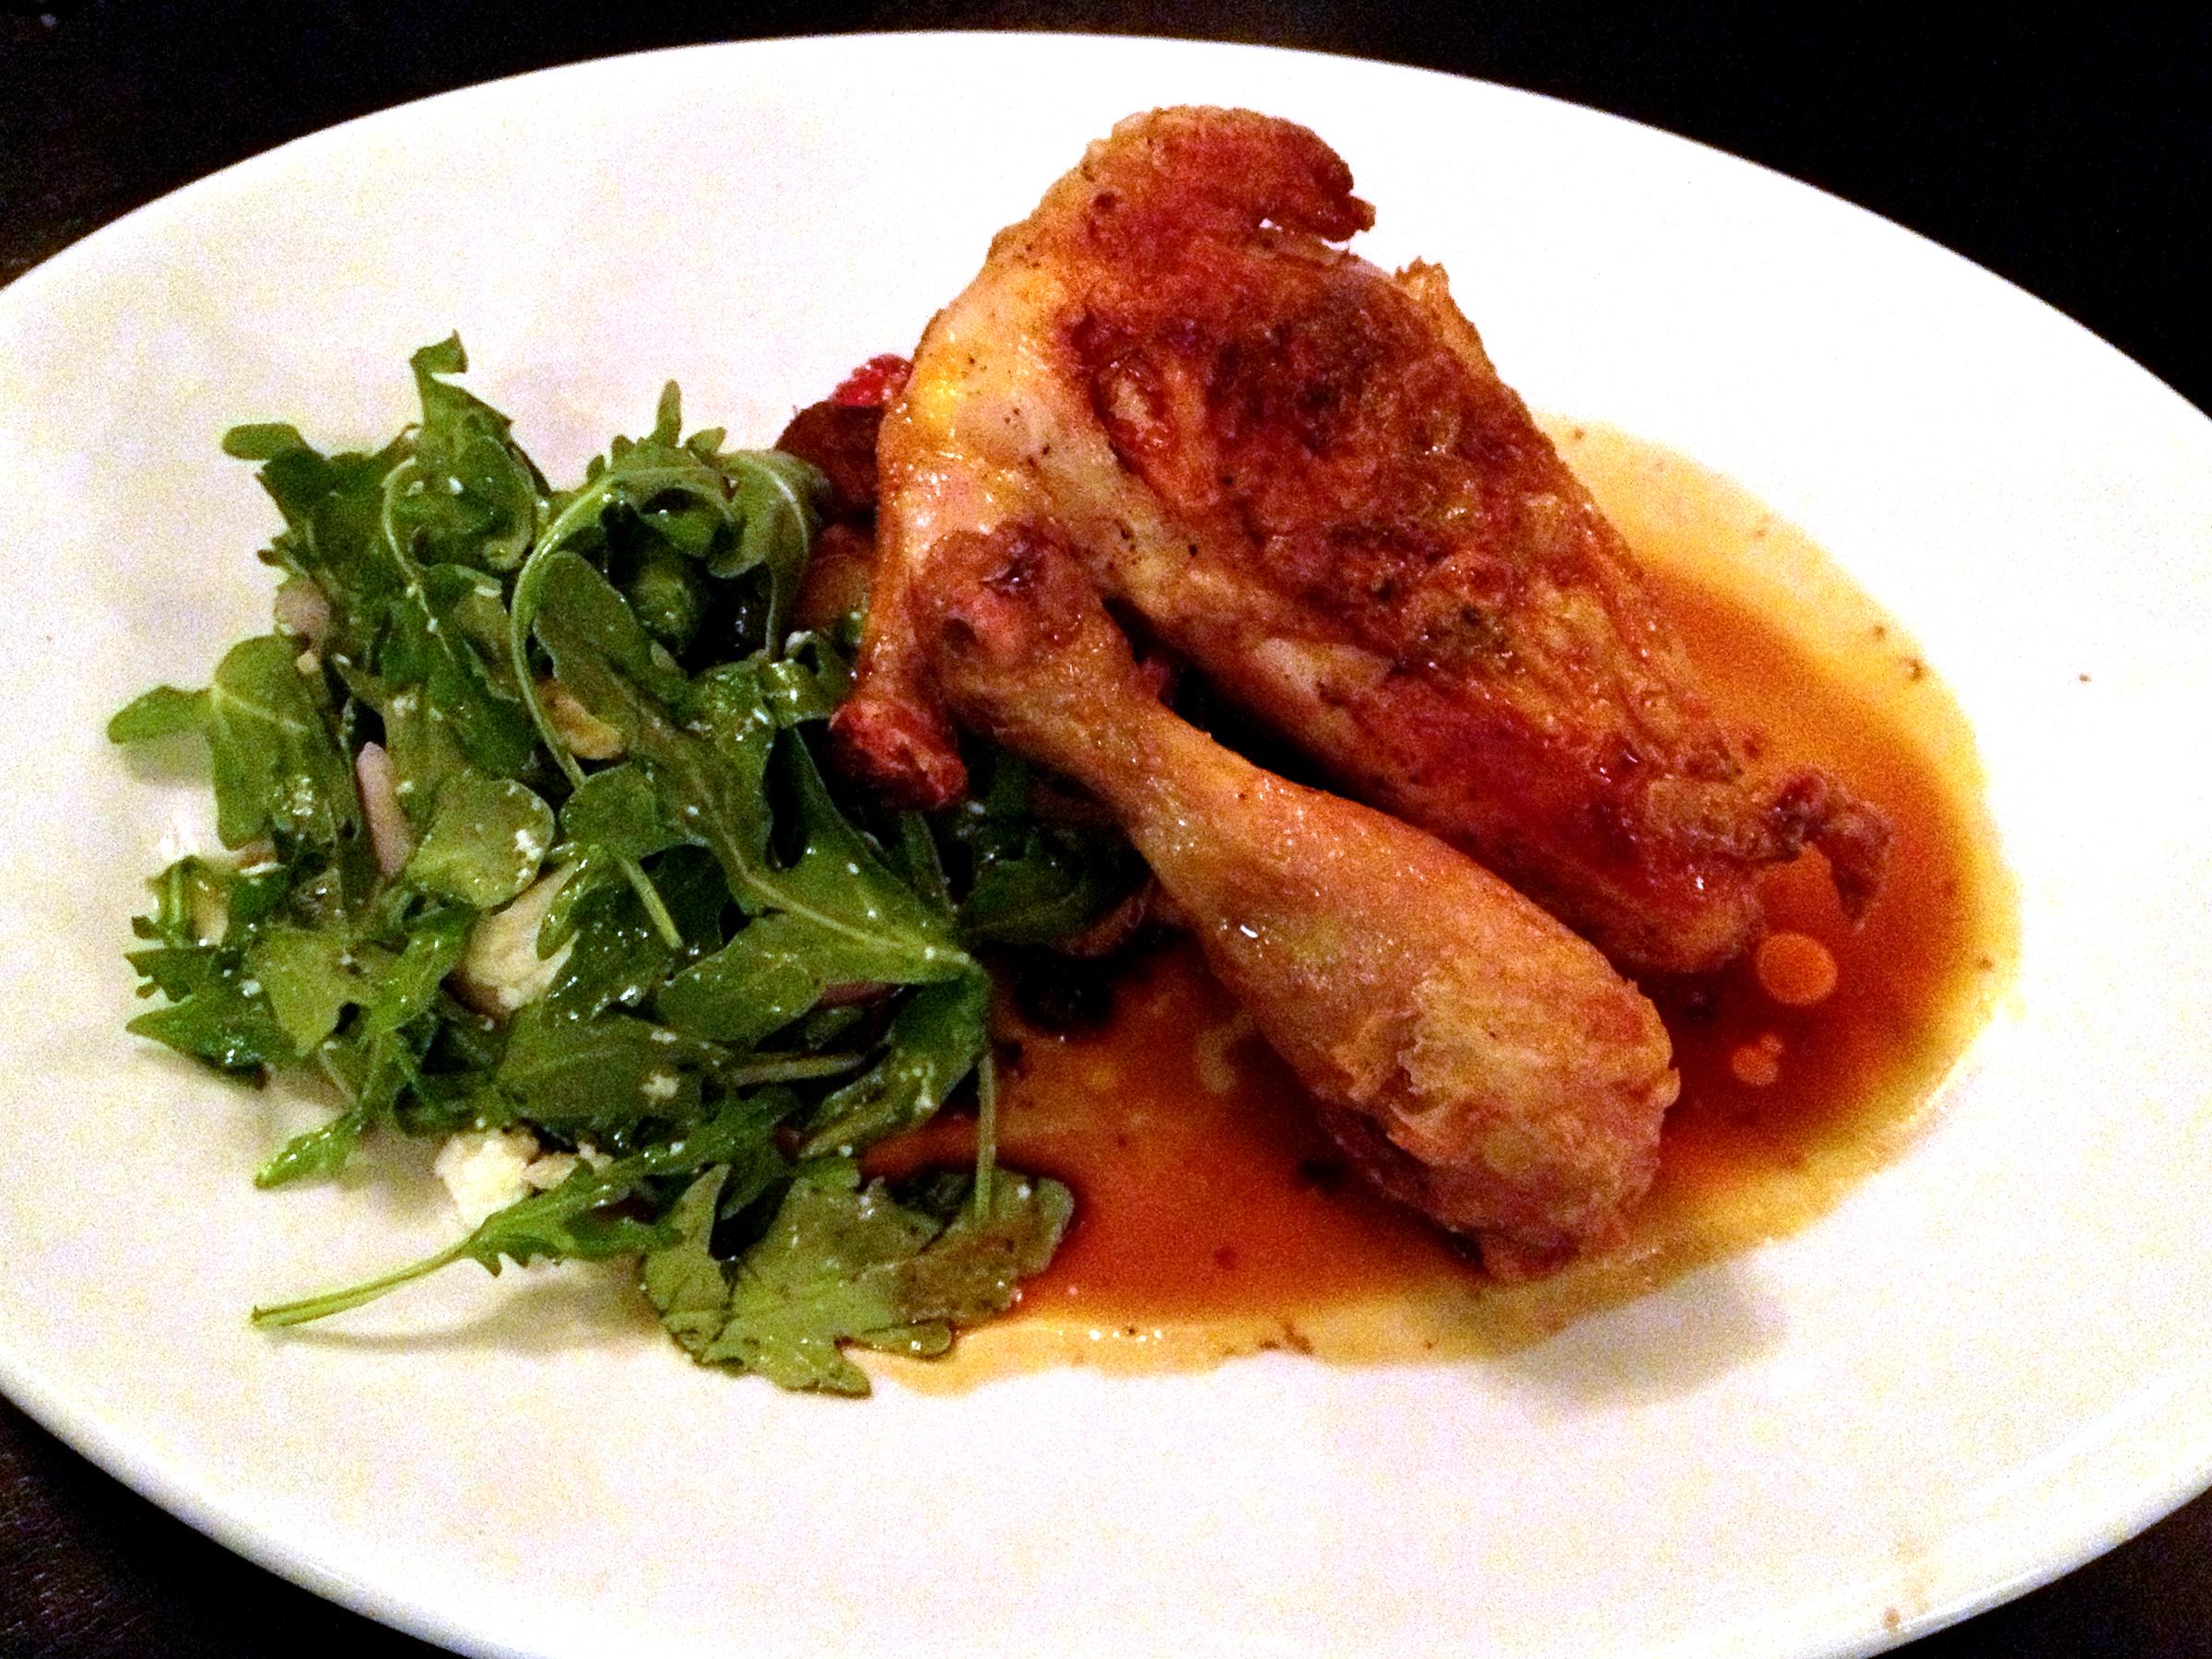 Roast chicken at St. Charles Exchange